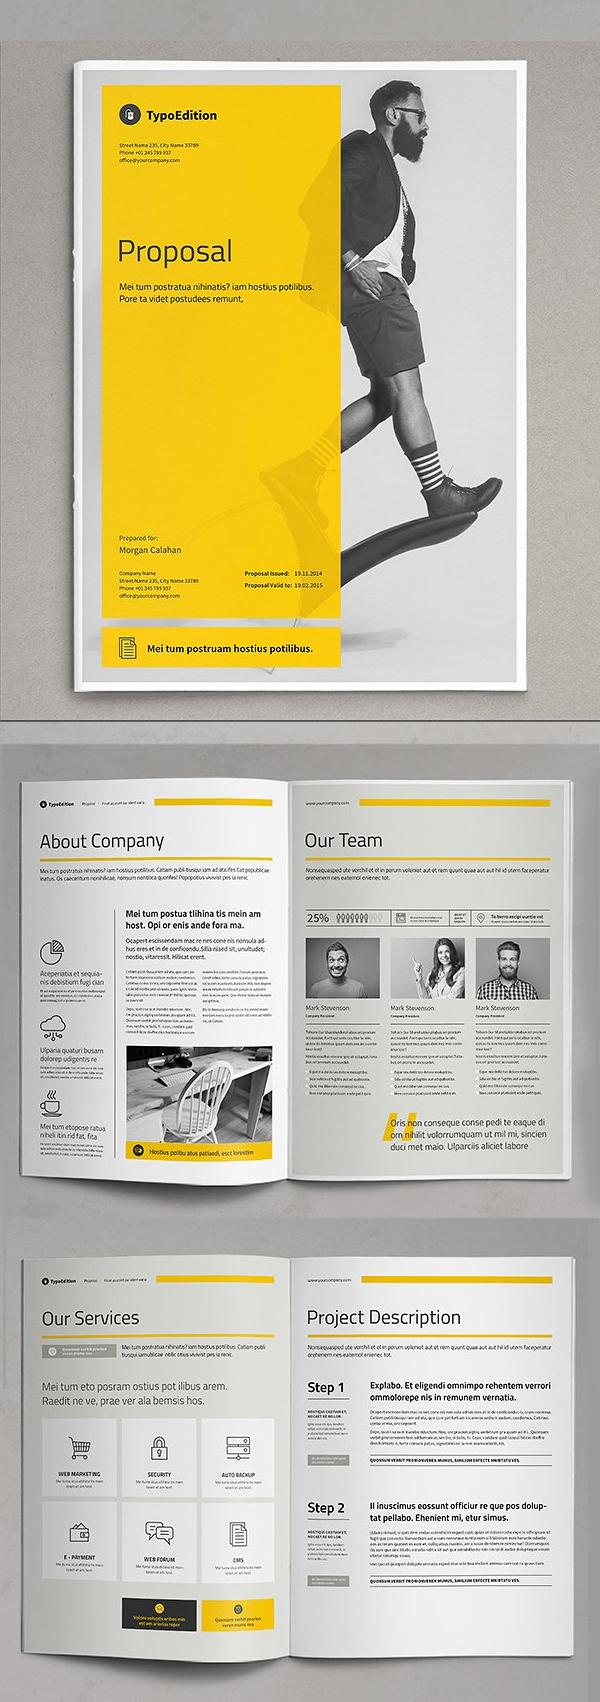 Diseño de mockups de propuesta de negocio profesional - 3